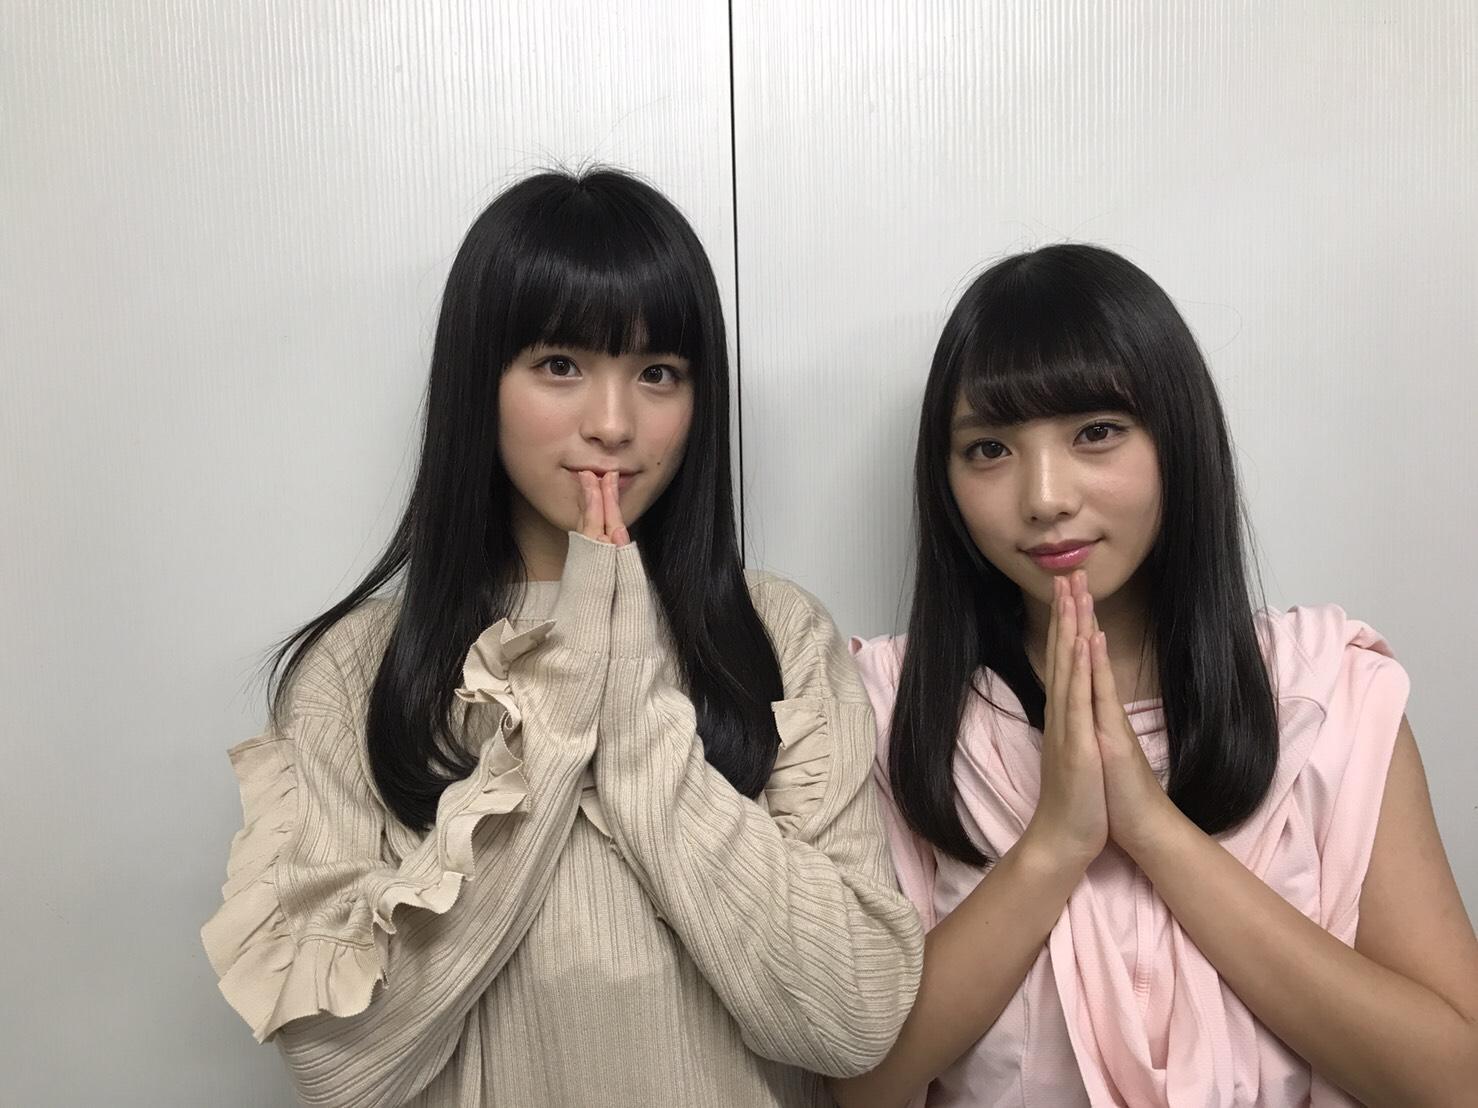 乃木坂46、今夜のMステで高校生Wセンターの新曲を披露!本人コメントも届くサムネイル画像